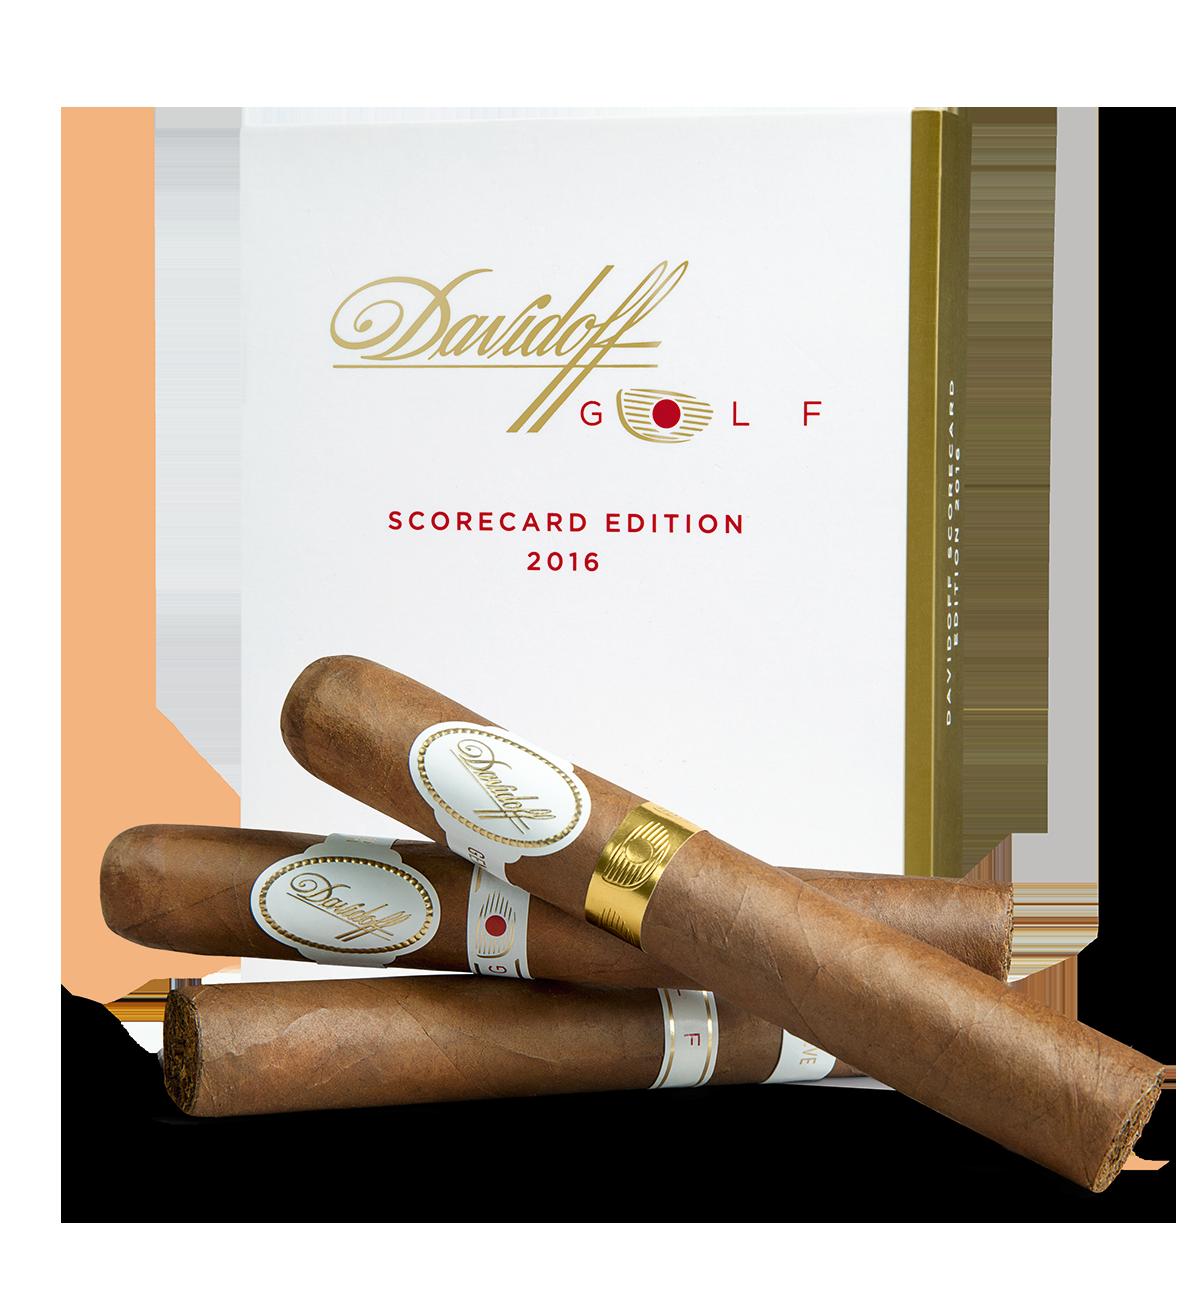 Davidoff_Golf_Scorecard_Edition_2016